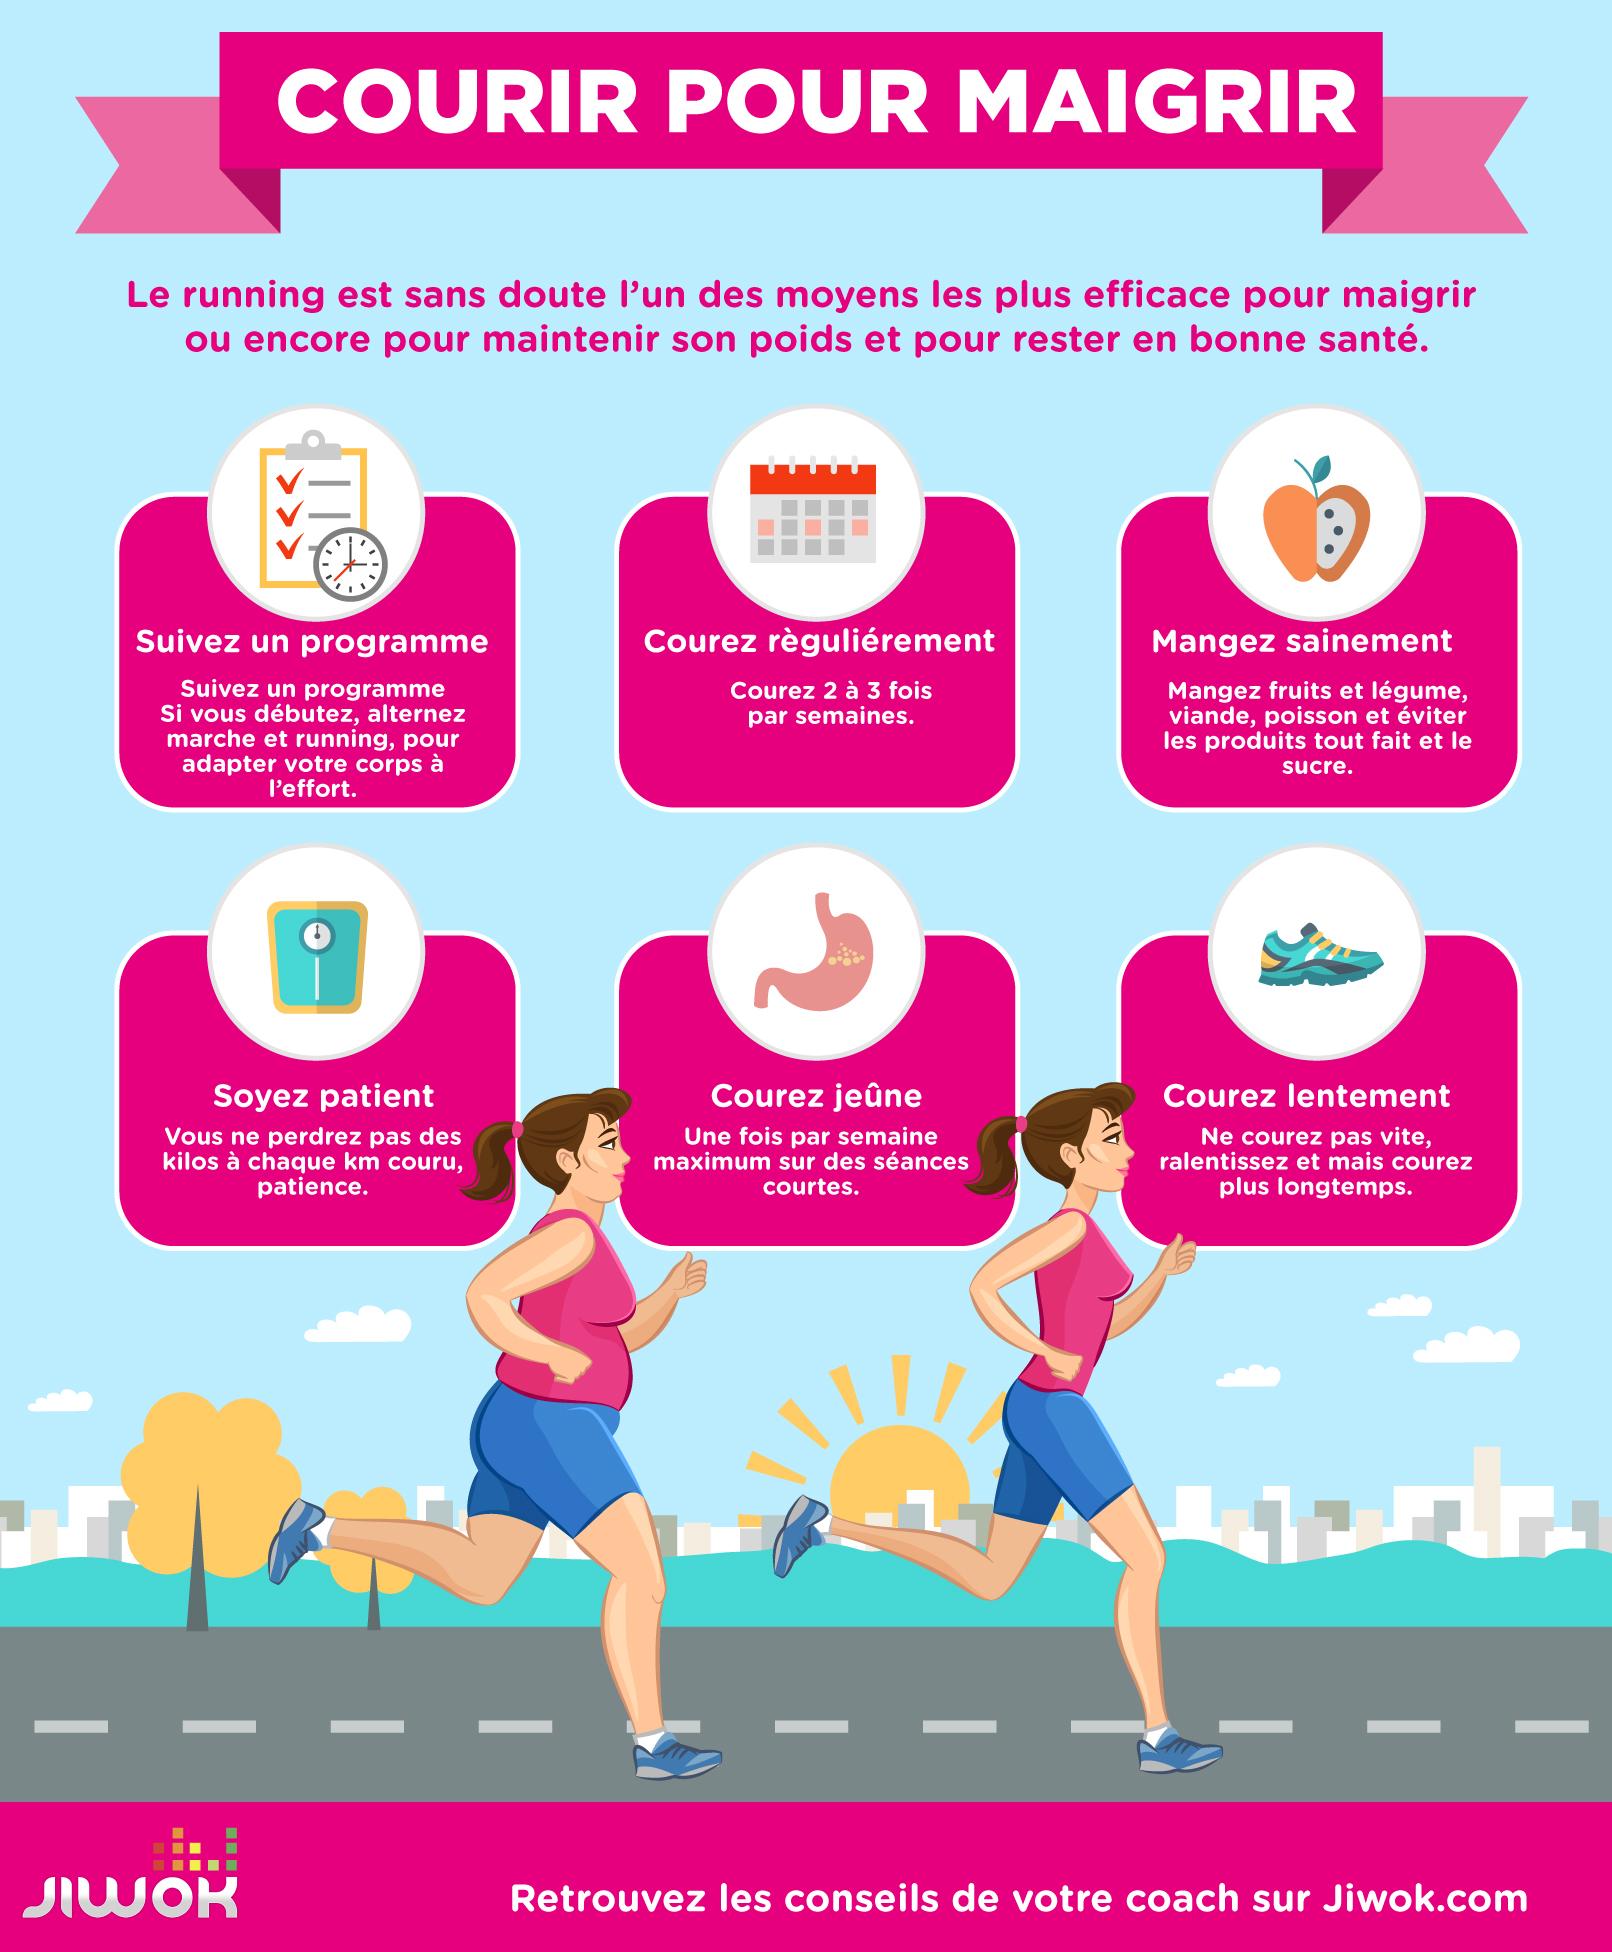 70 jours pour 6 kilos - Maigrir - FORUM Nutrition - Doctissimo